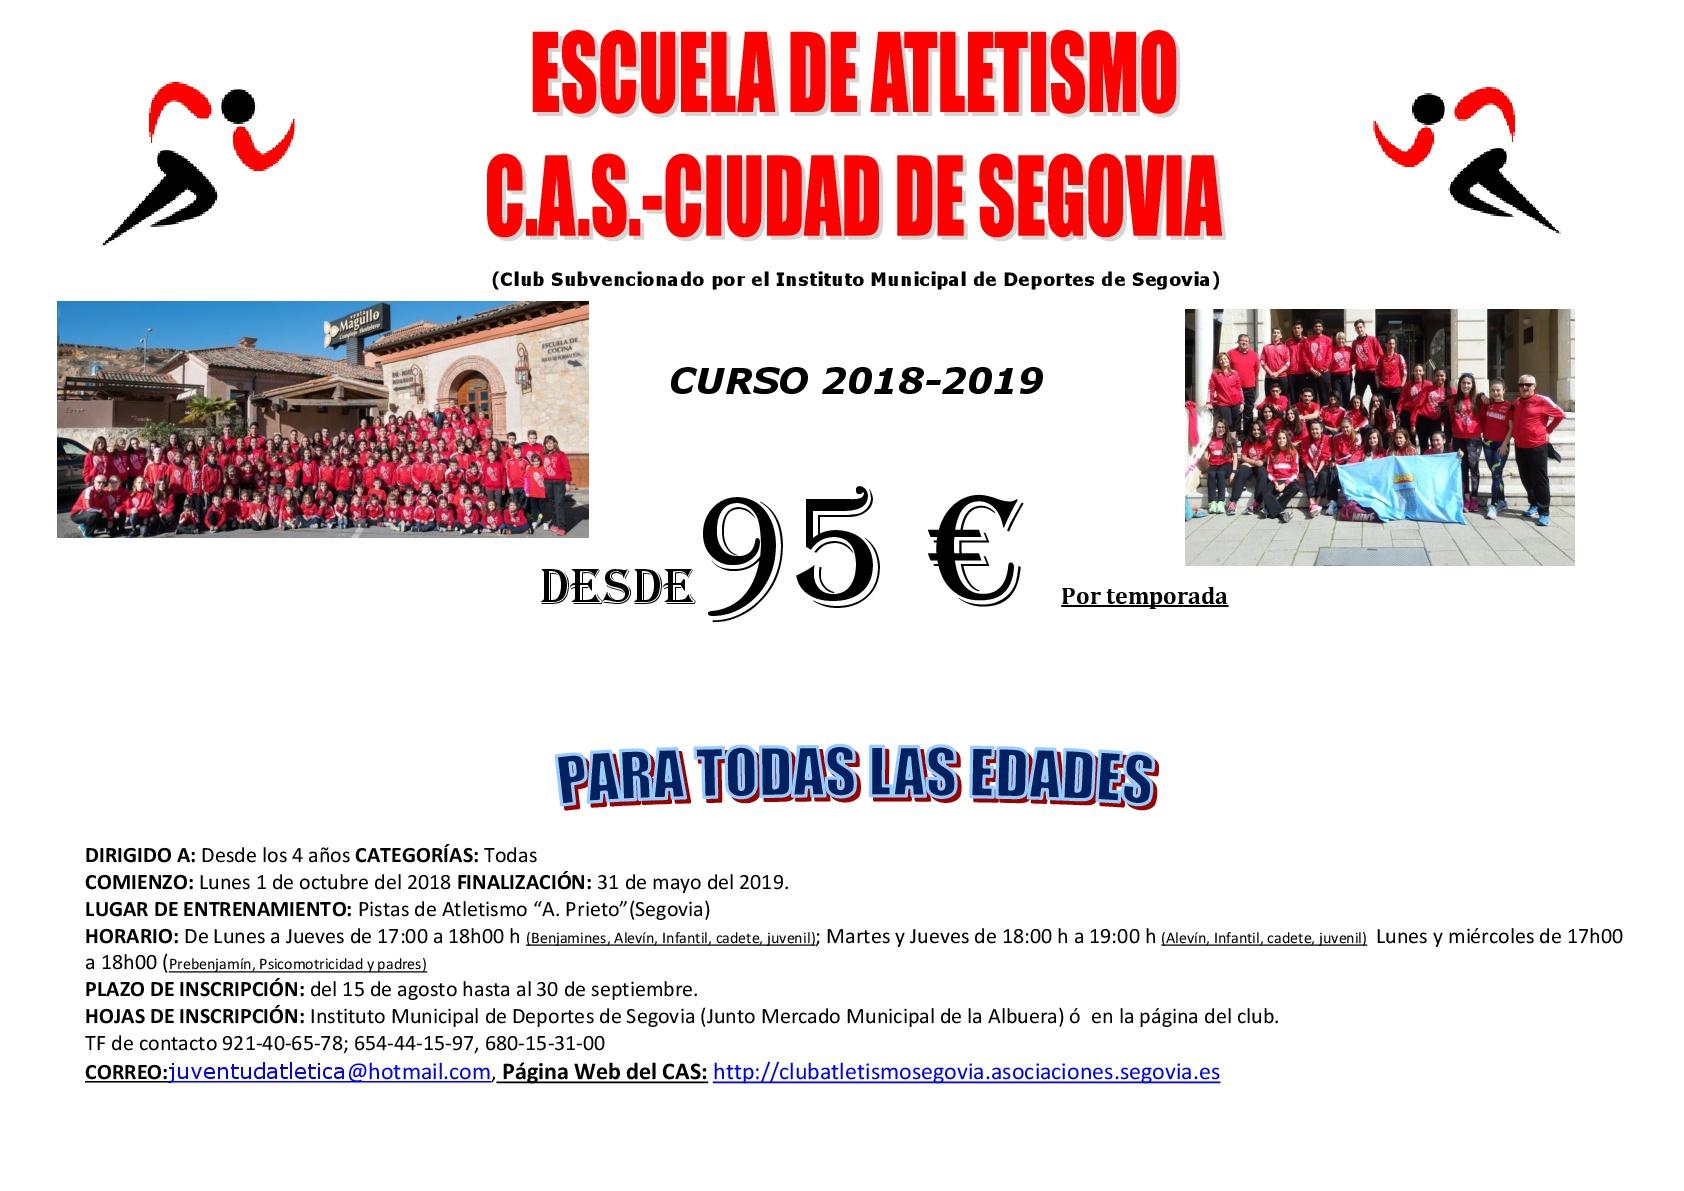 XXXIII Temporada de la Escuela de Atletismo del CAS-Ciudad de Segovia